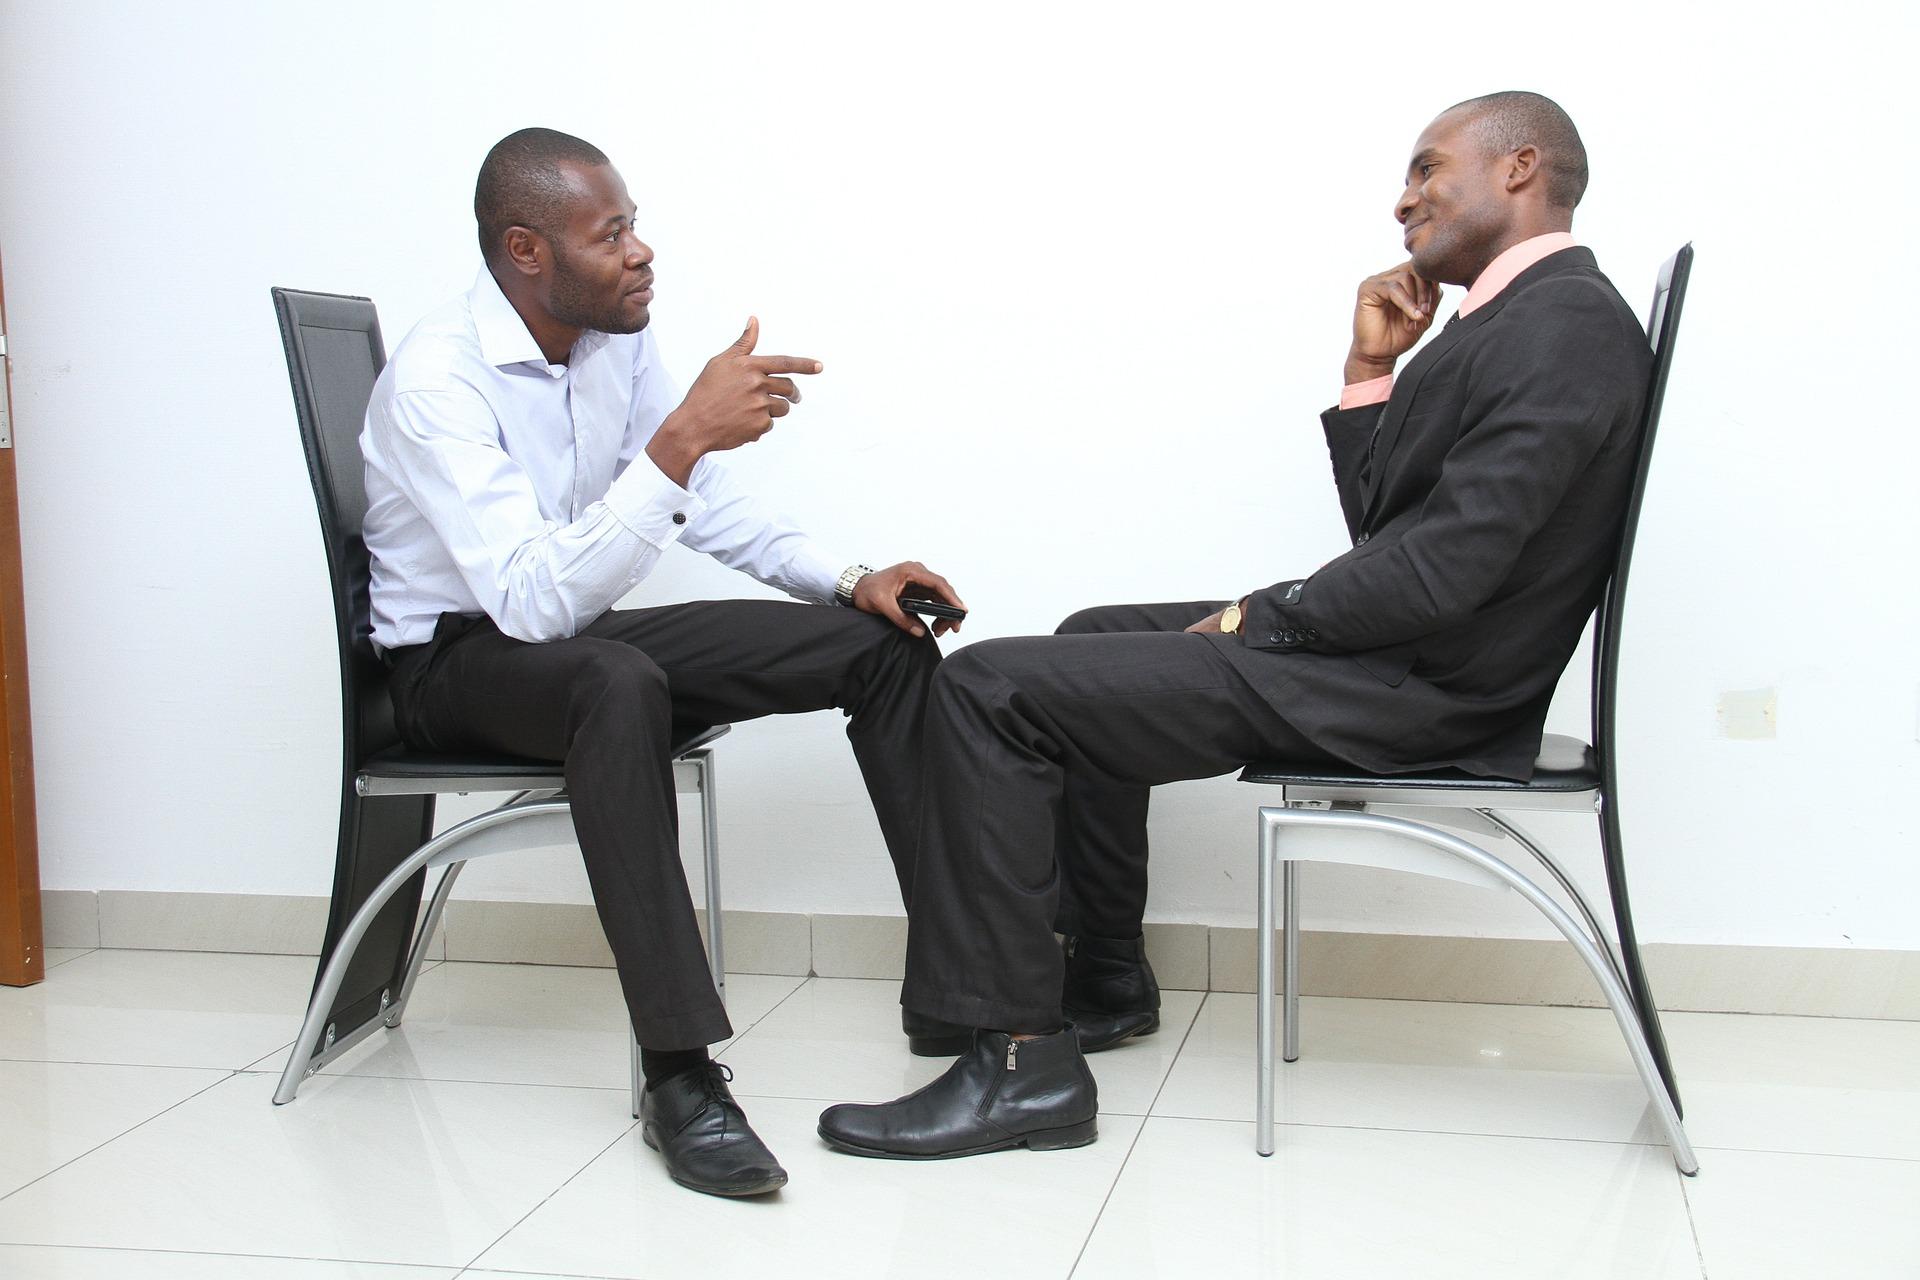 rozmowa kwalifikacyjna ubiór